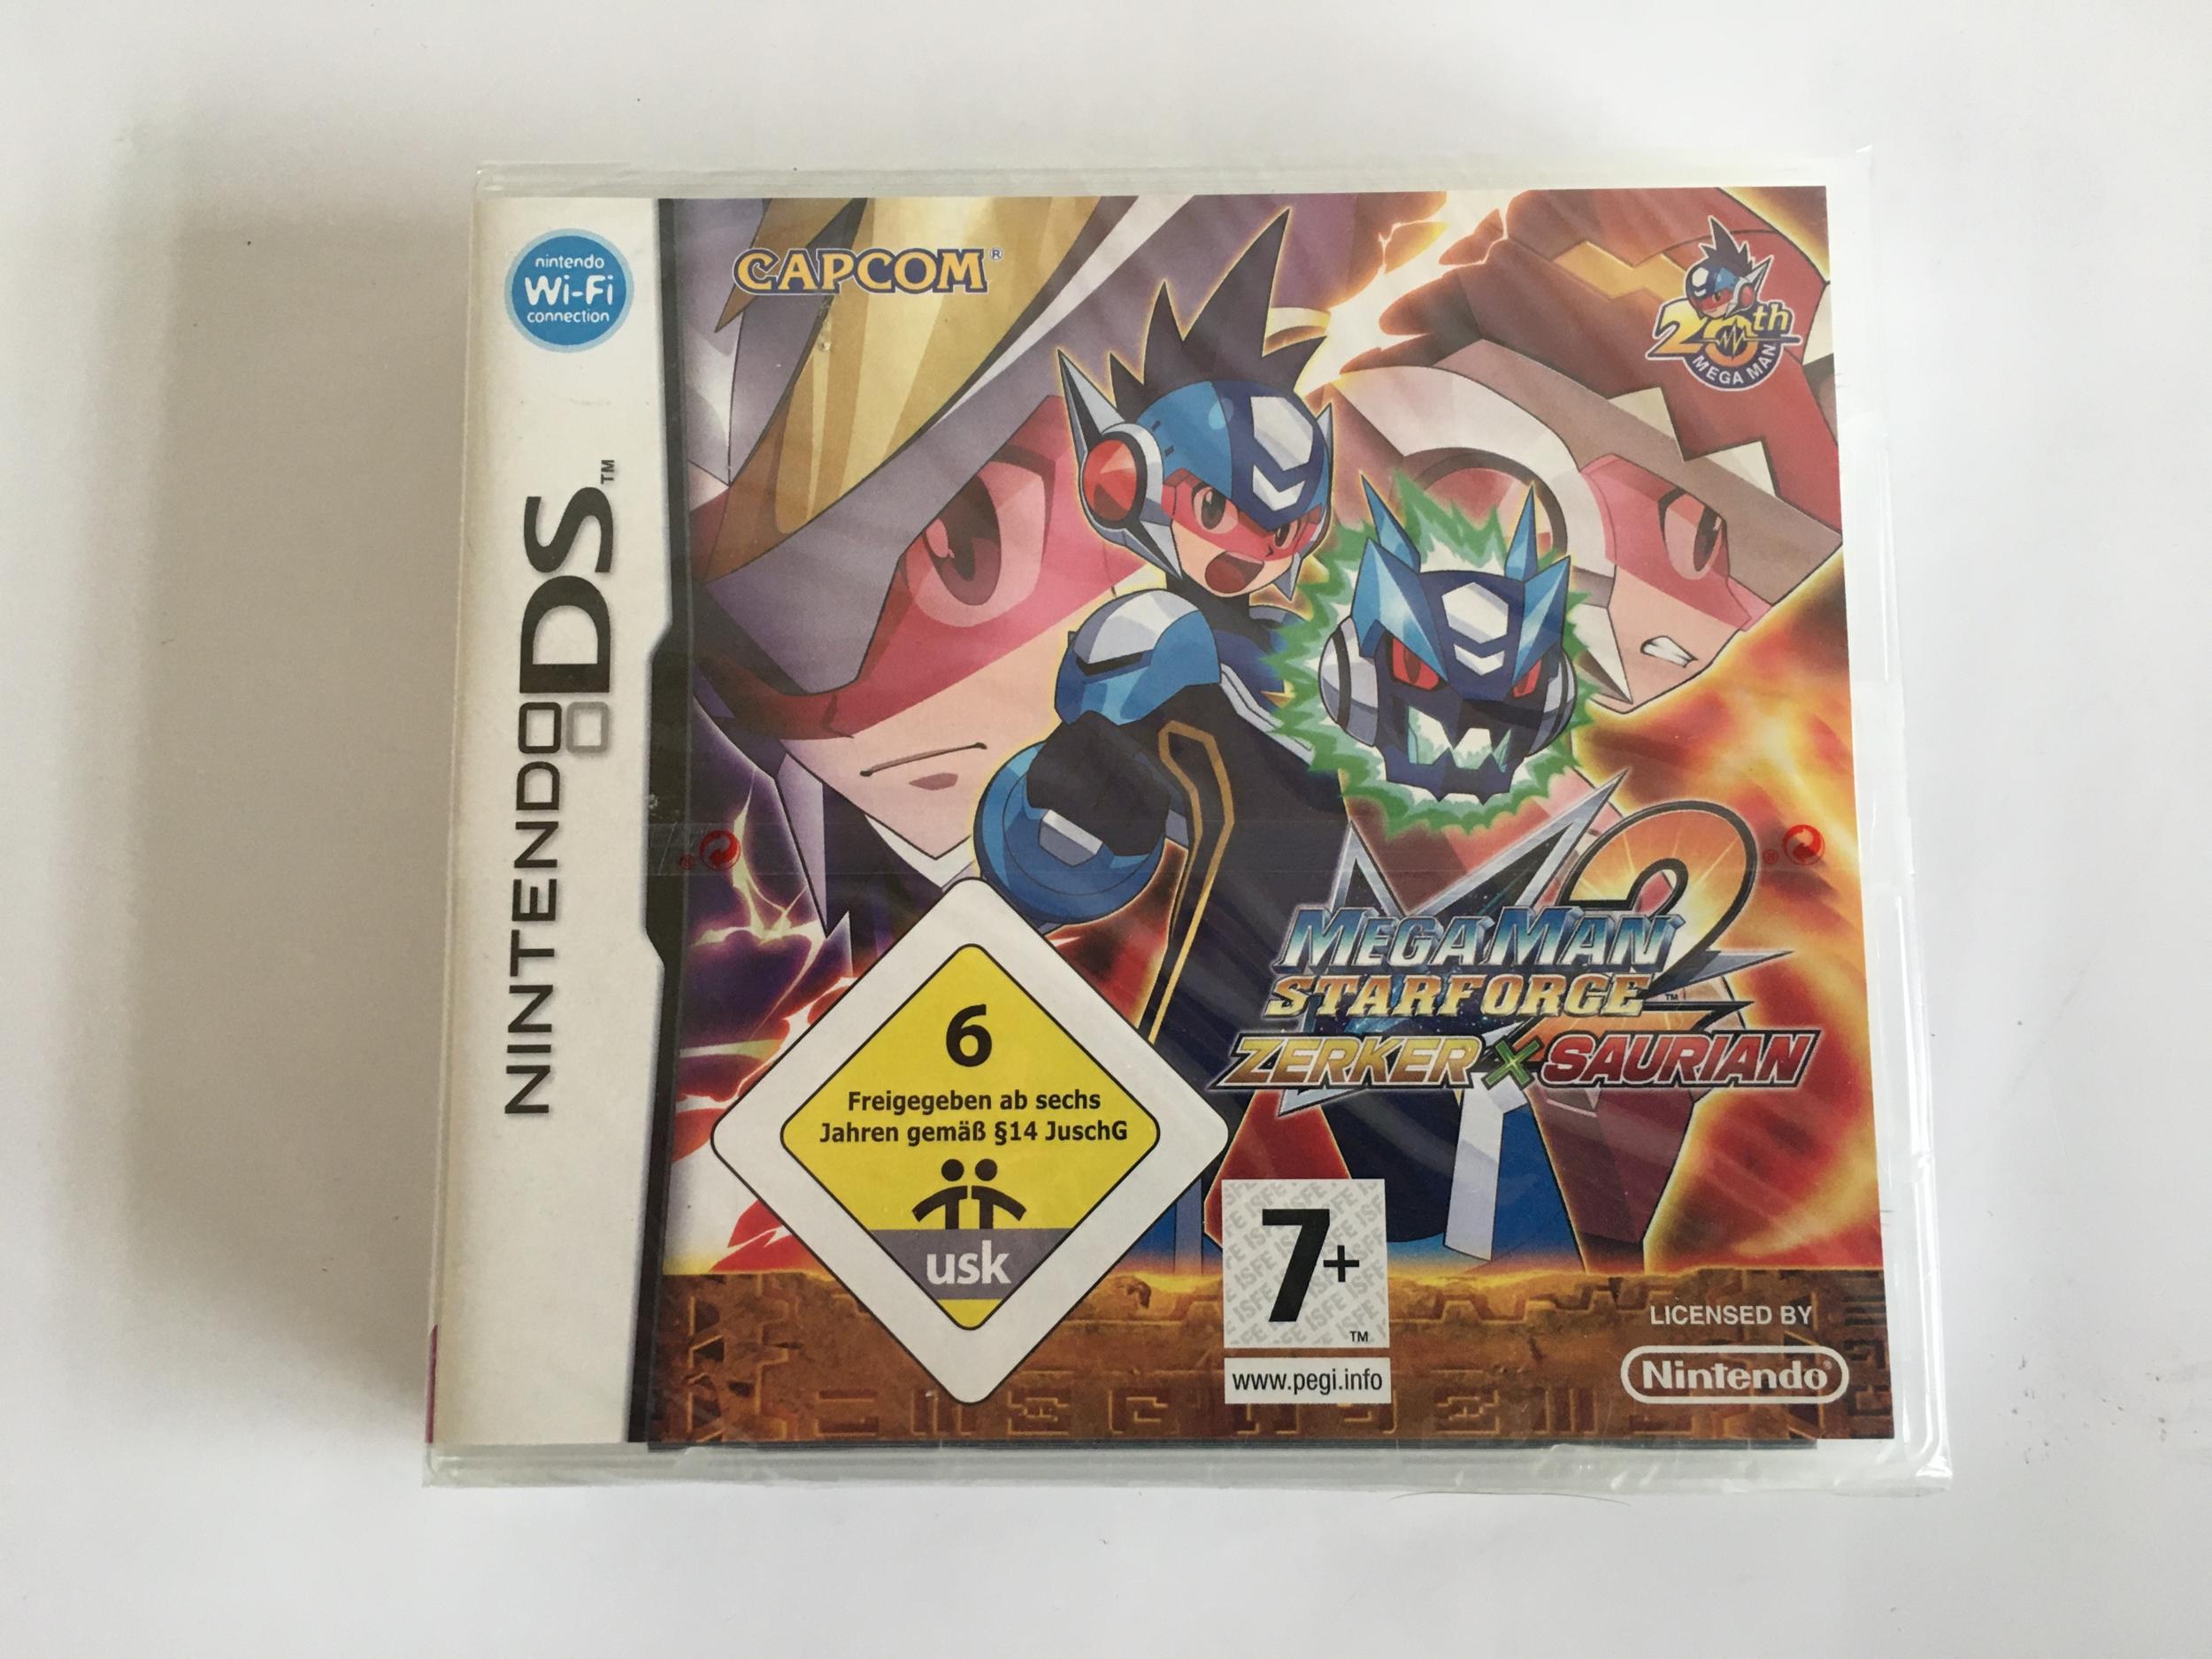 Jeu Ds Mega Man Star Force 2 Zerker x Saurian